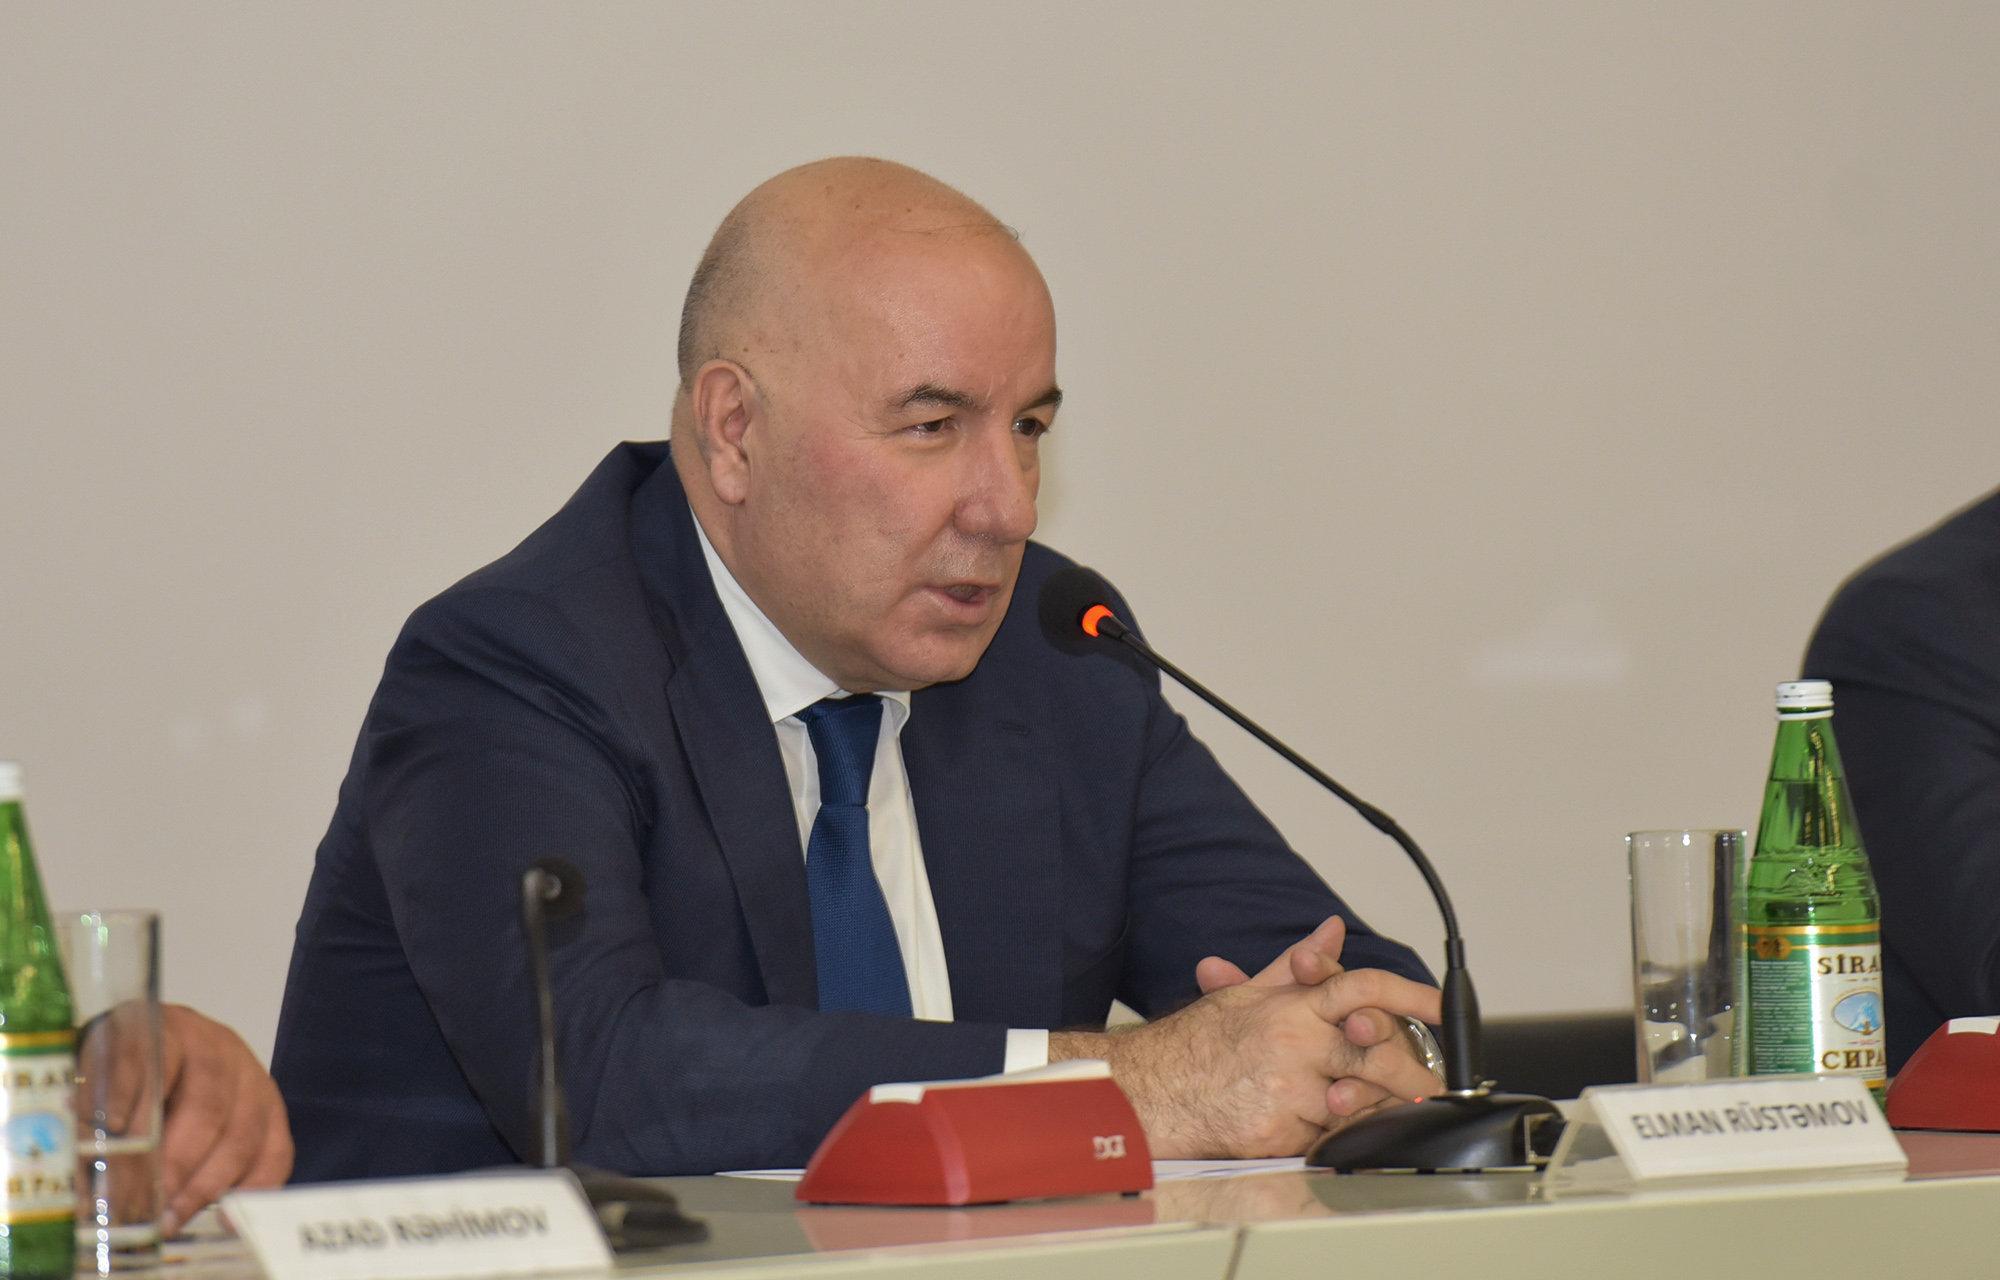 Elman Rüstəmoov, AR Mərkəzi Bankının sədri, Azərbaycan Şahmat Federasiyasının prezidenti